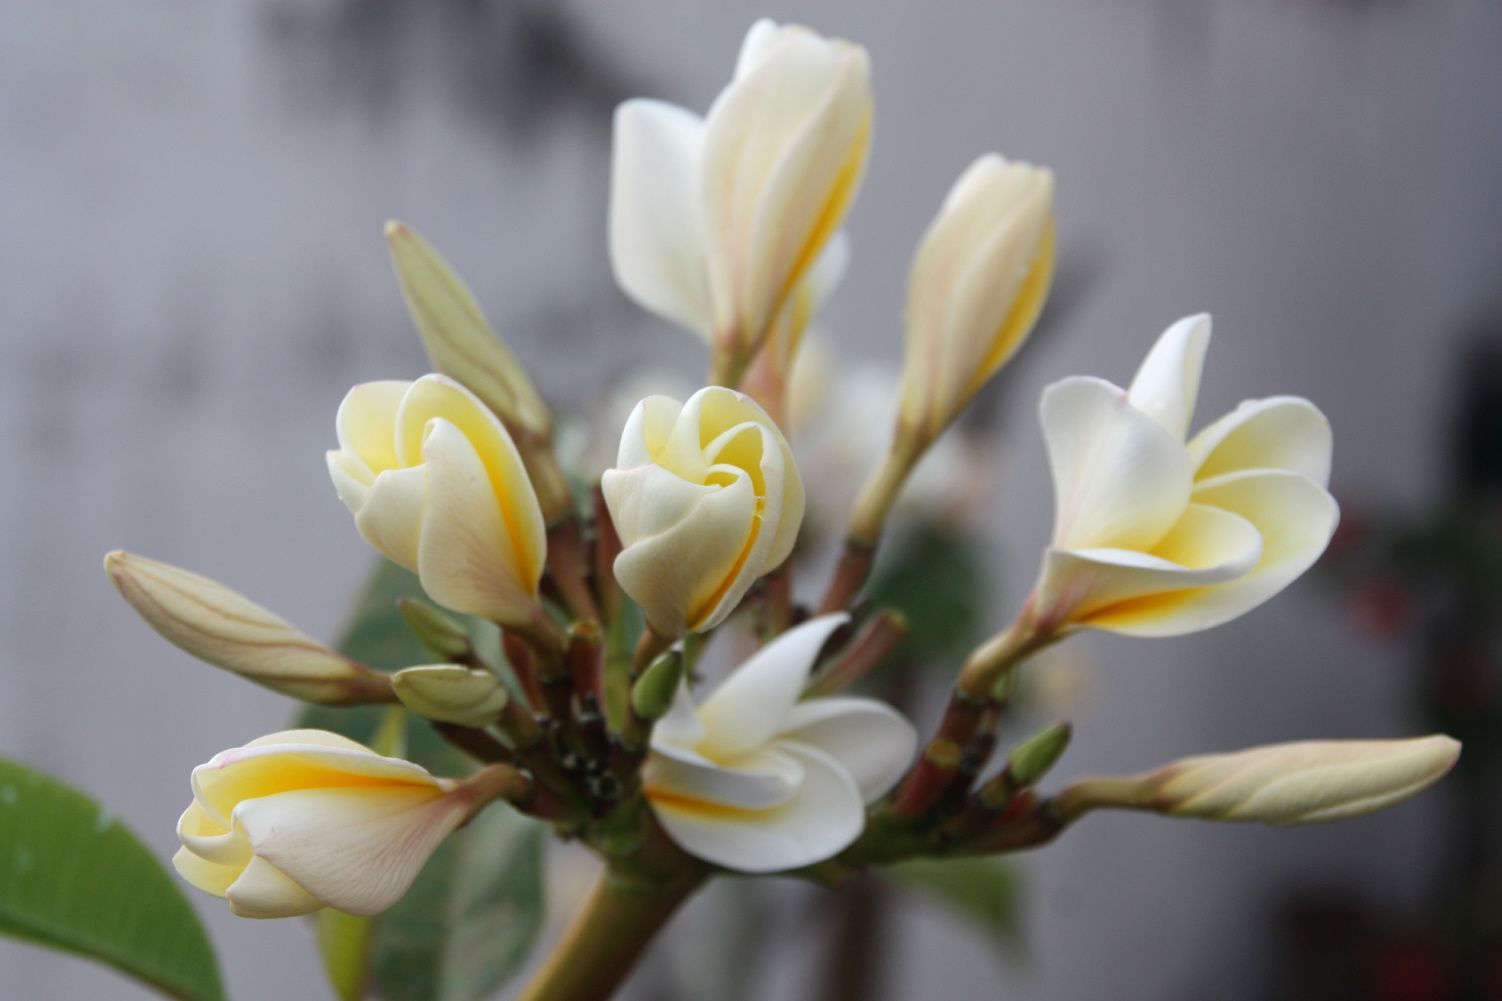 bec de perroquet, fleurs de frangipanier, orchidée, mâle bélier (jaune) et cardinal (rouge)...